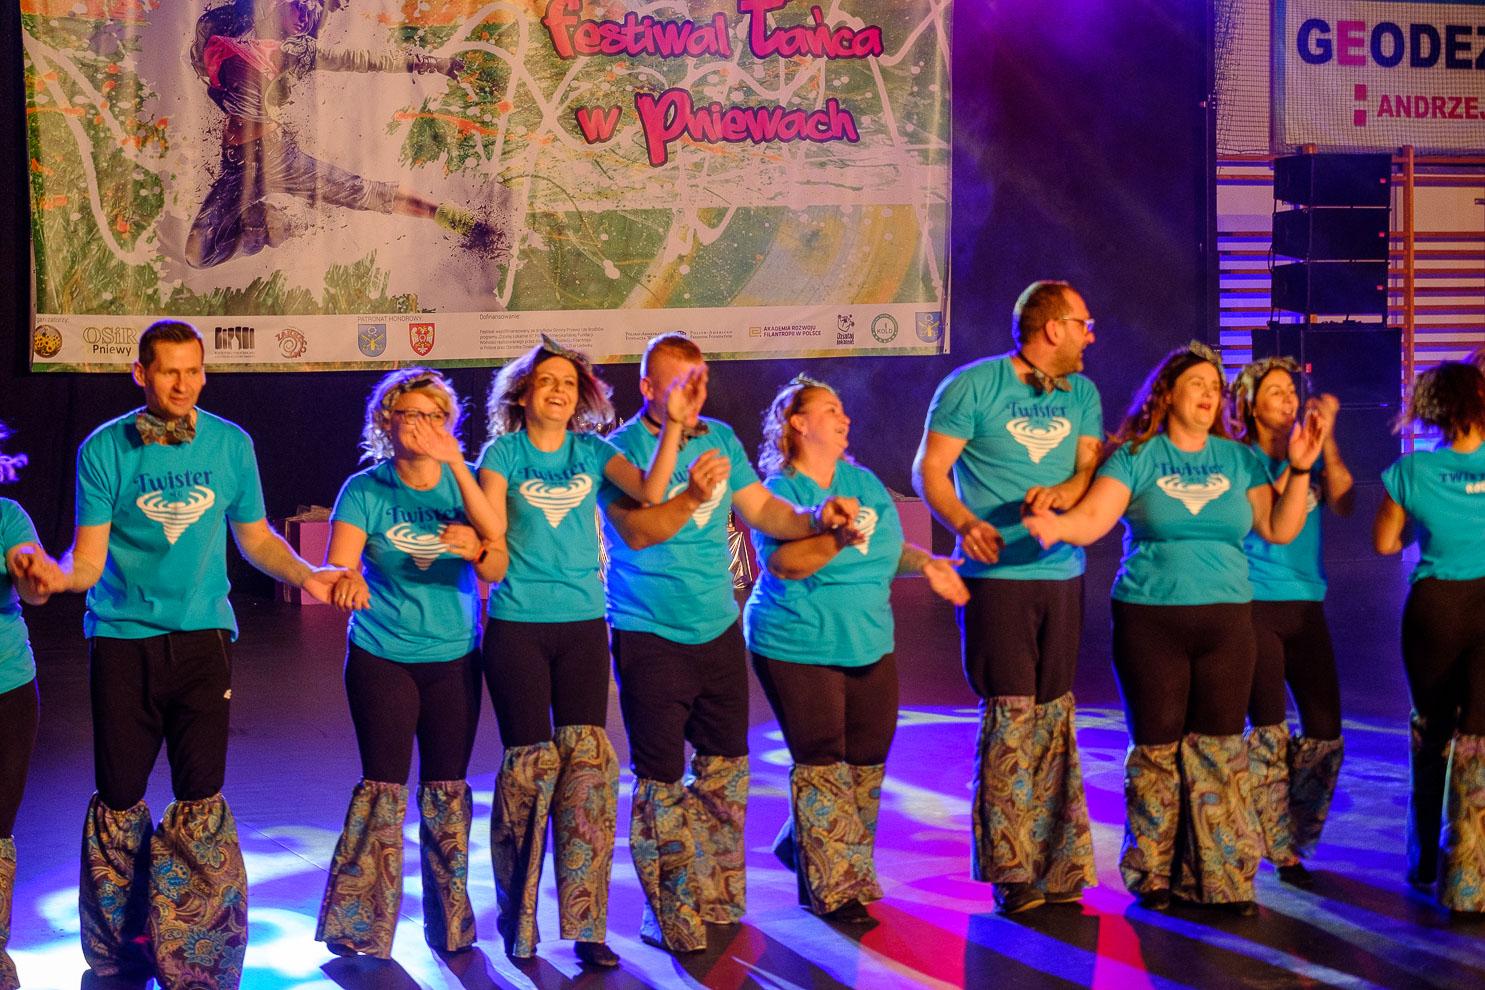 Festiwal Tańca